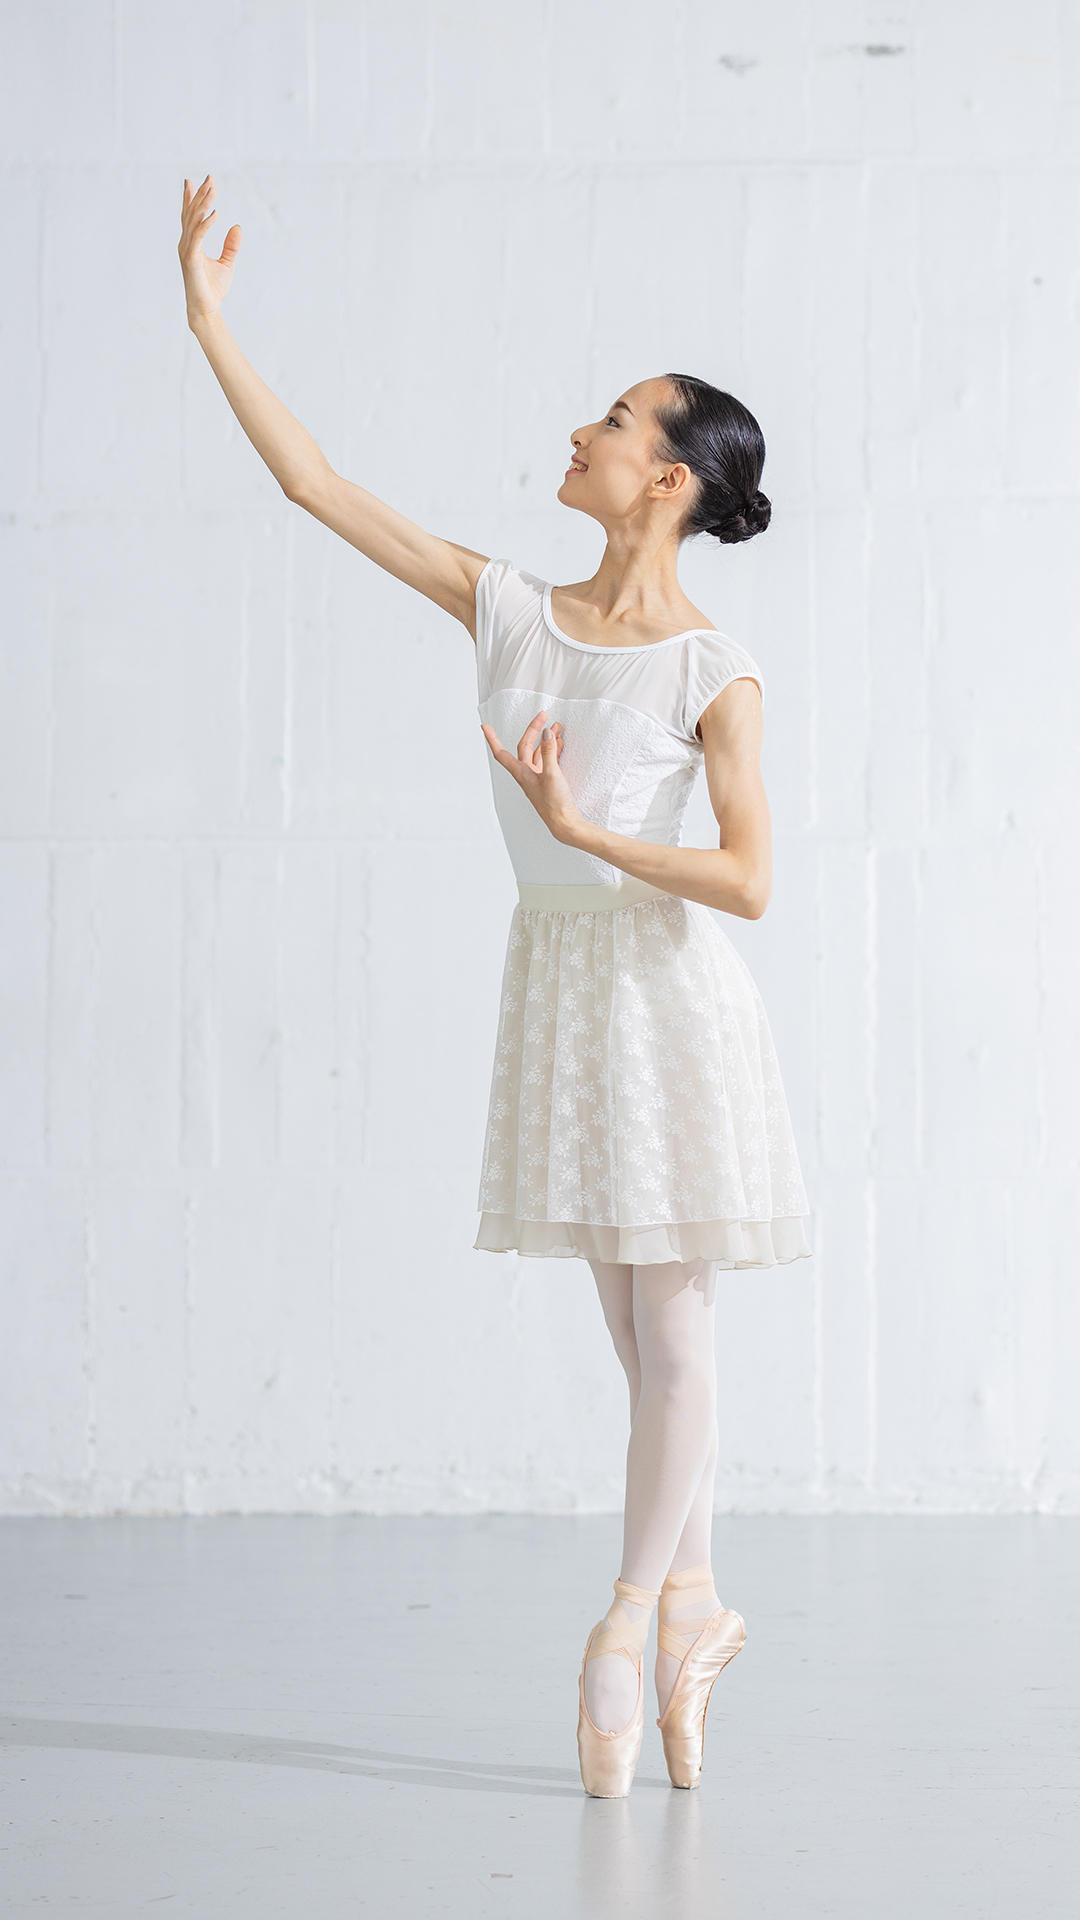 ladies_ballet_18.jpg